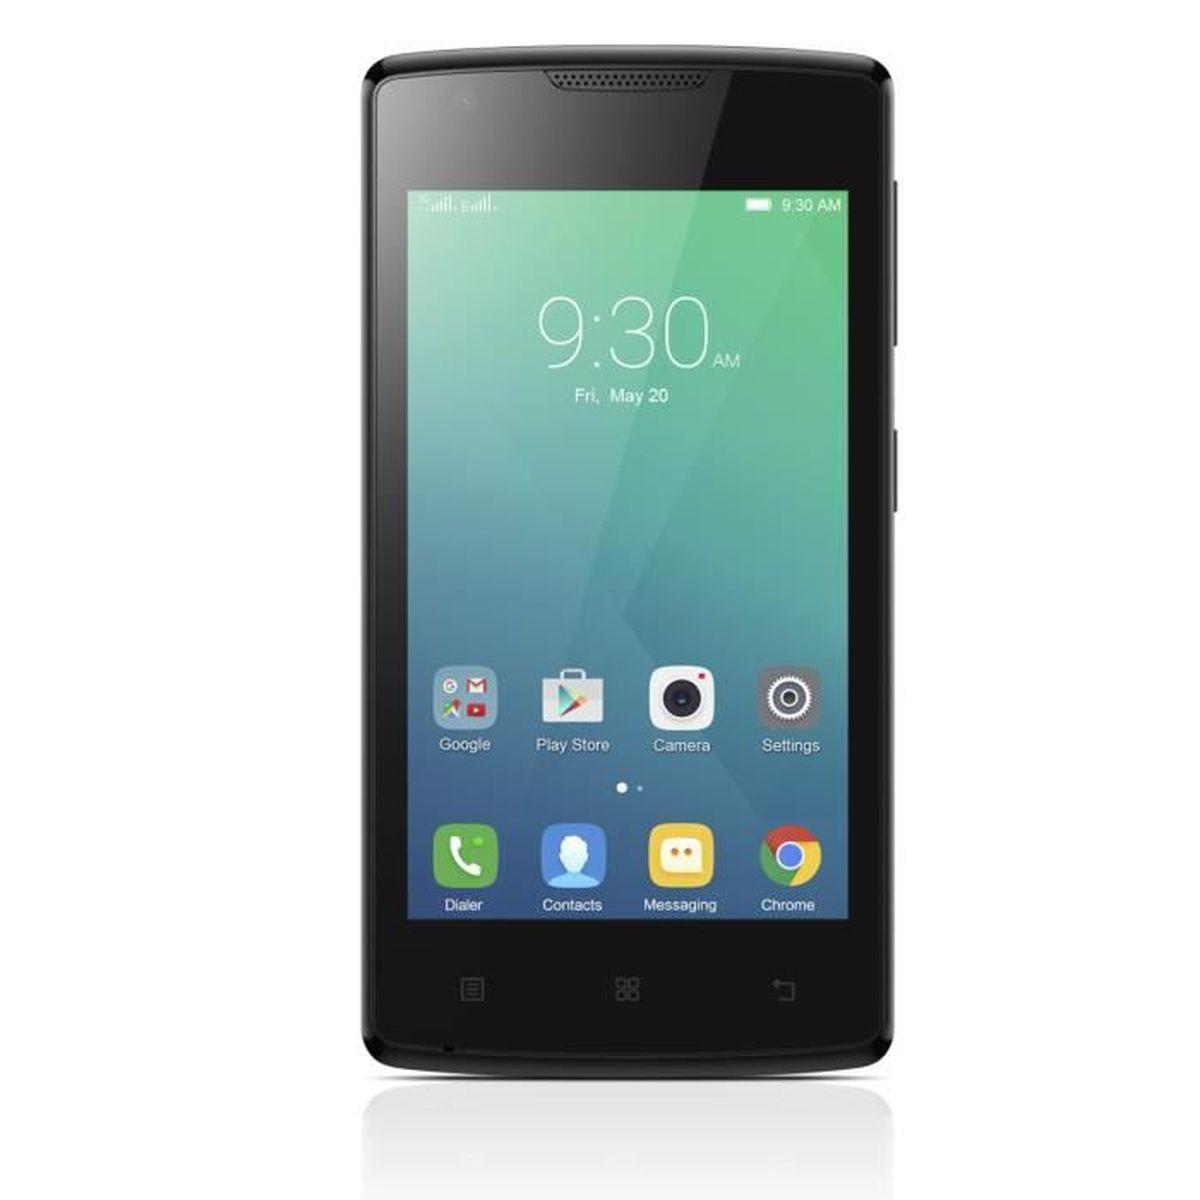 lenovo a plus noir achat smartphone pas cher avis et meilleur prix cdiscount. Black Bedroom Furniture Sets. Home Design Ideas